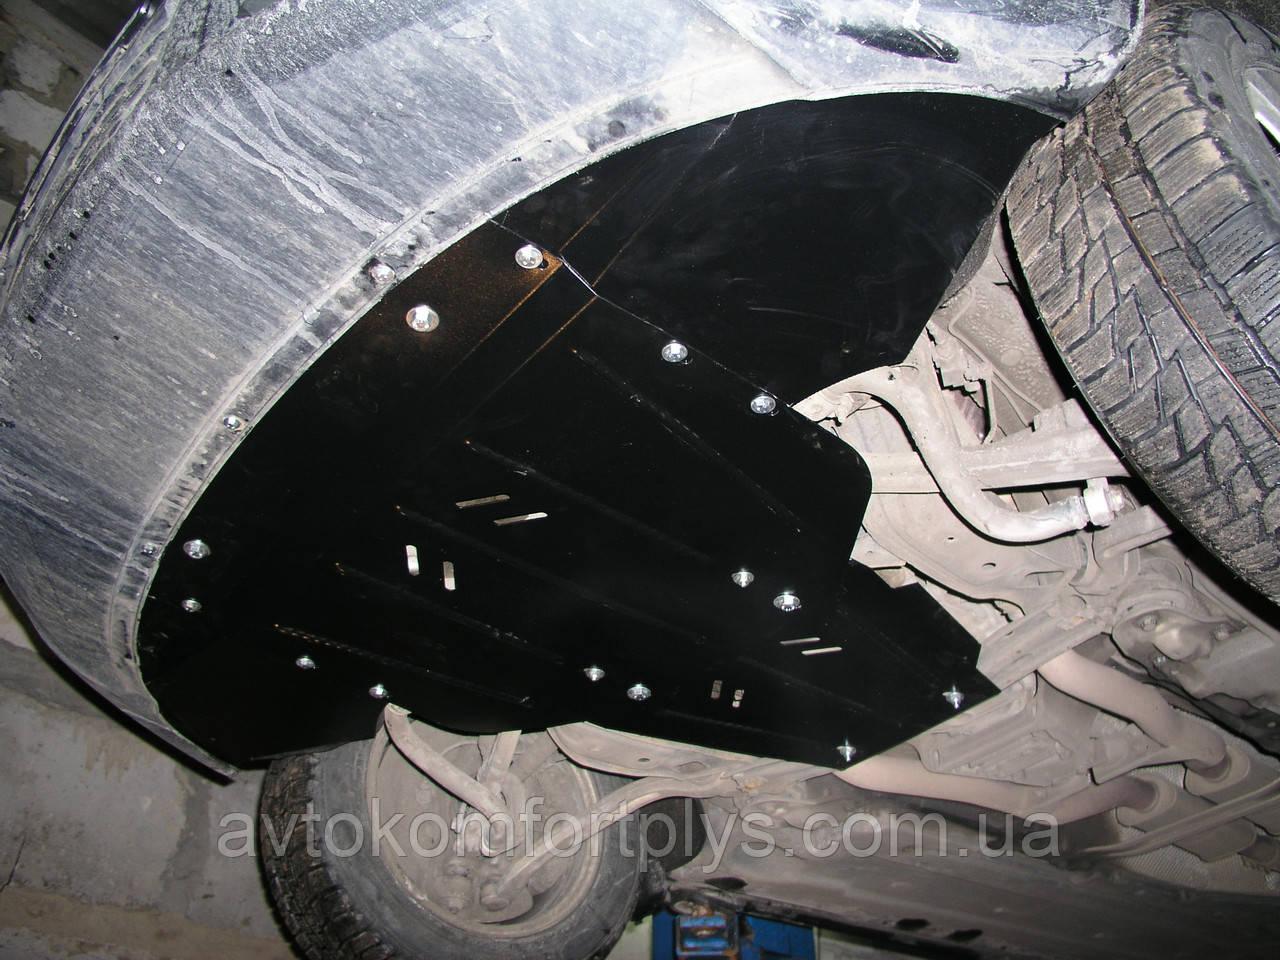 Металлическая (стальная) защита двигателя (картера) Audi A6 C6 (2004-2011) (V-3,5: 2,4 T; 2,0D; 3,0D)